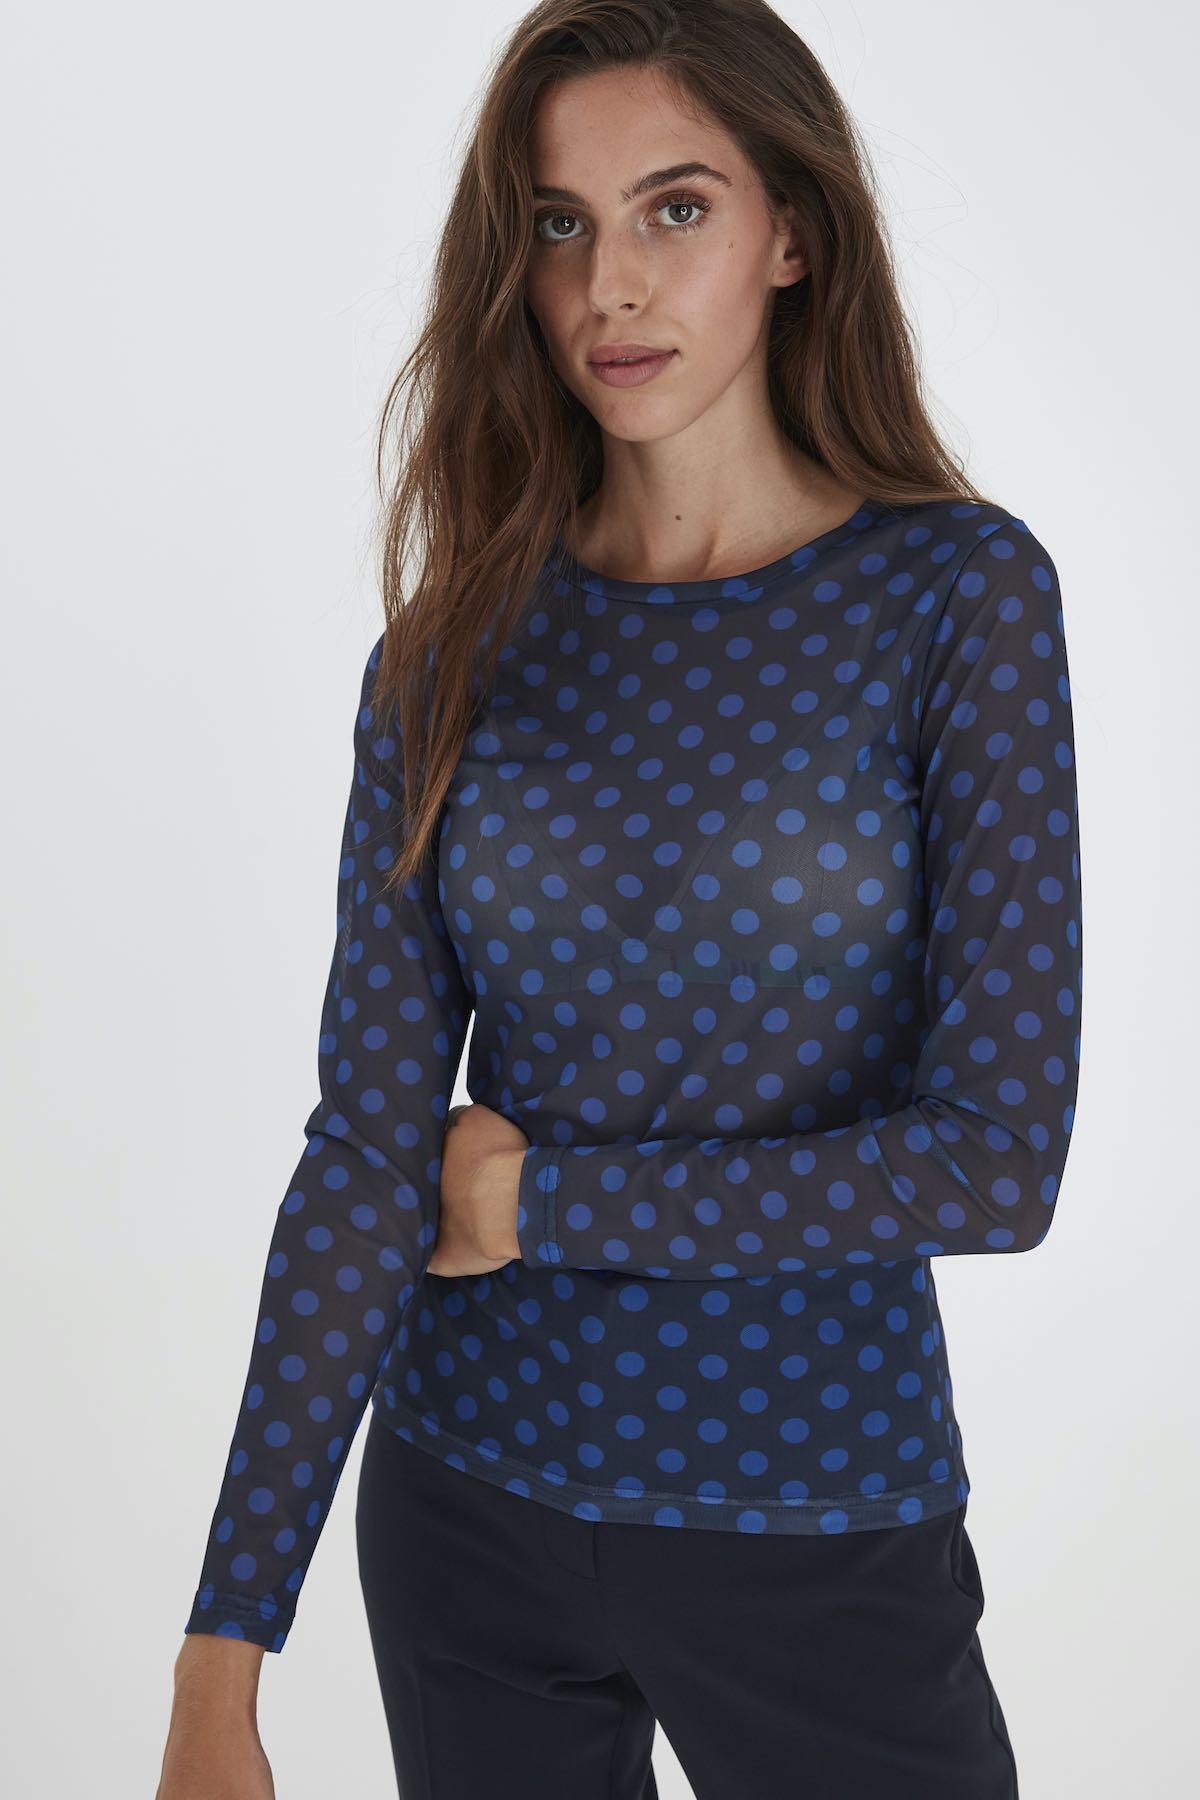 Fashion und Mode für Damen und Herren (OPUS, Yaya, Blue ...